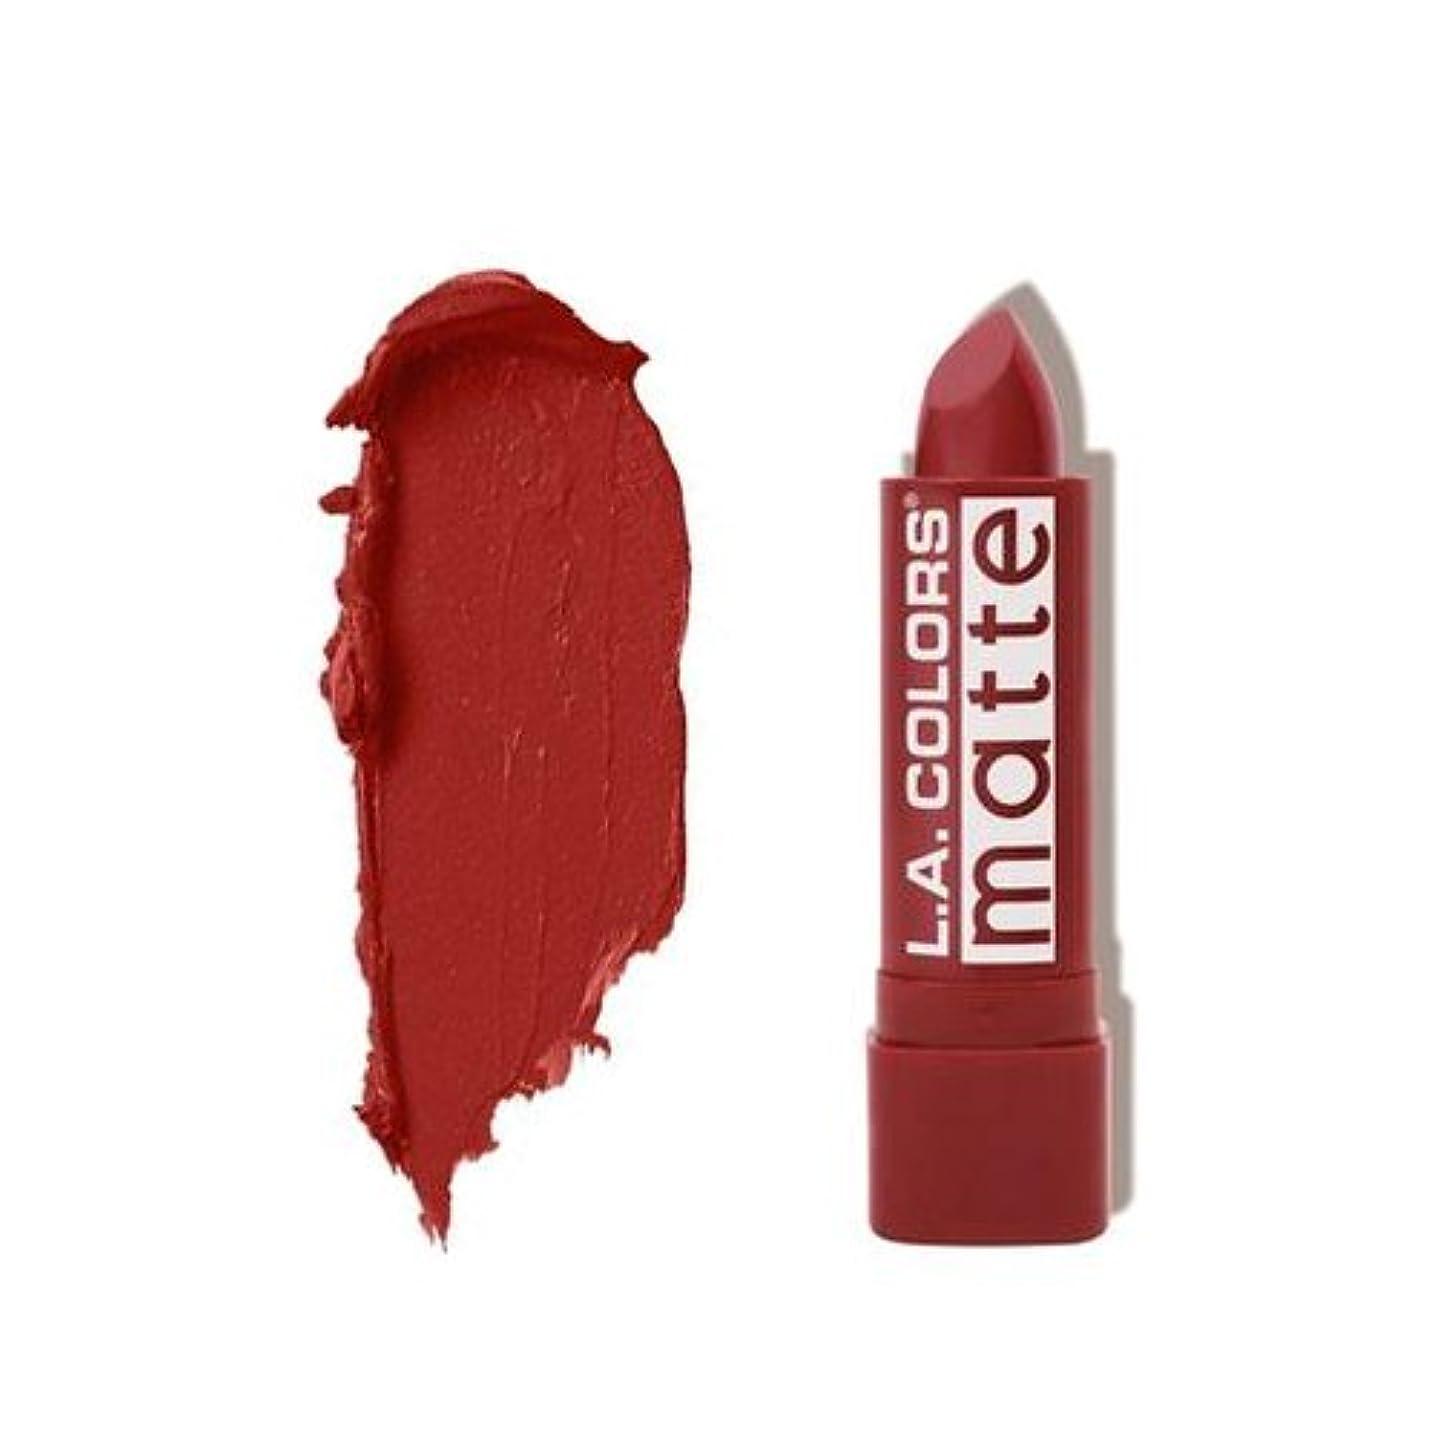 広げる外観摩擦(3 Pack) L.A. COLORS Matte Lip Color - Brick (並行輸入品)